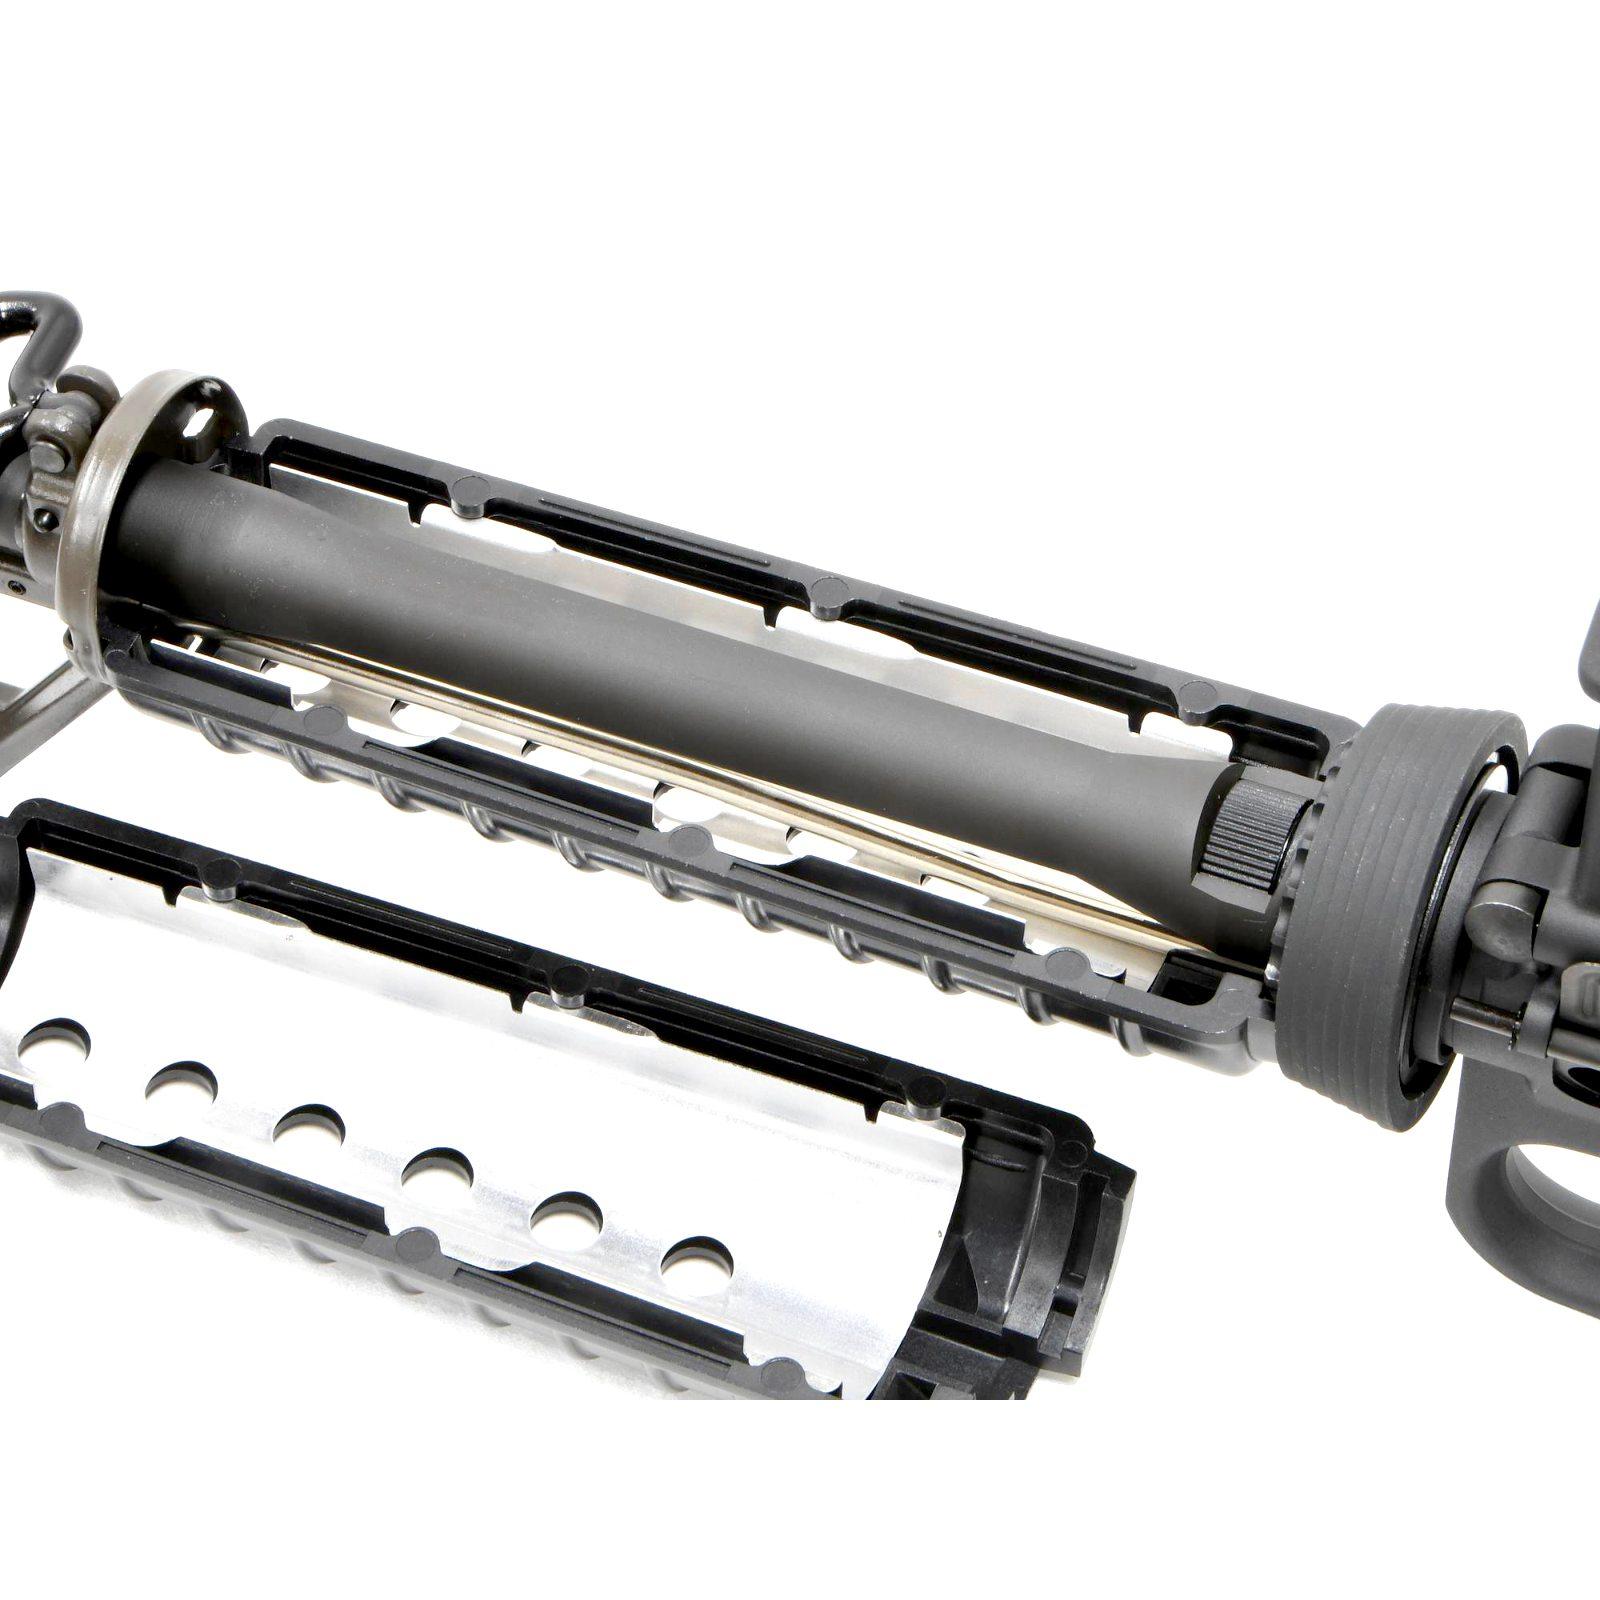 【限定品】 CAR ガスブローバック XM177E2 Mod.629 GBBR (Limited Edition) *日本仕様 【品番:CAR-GBB-XM177E2】